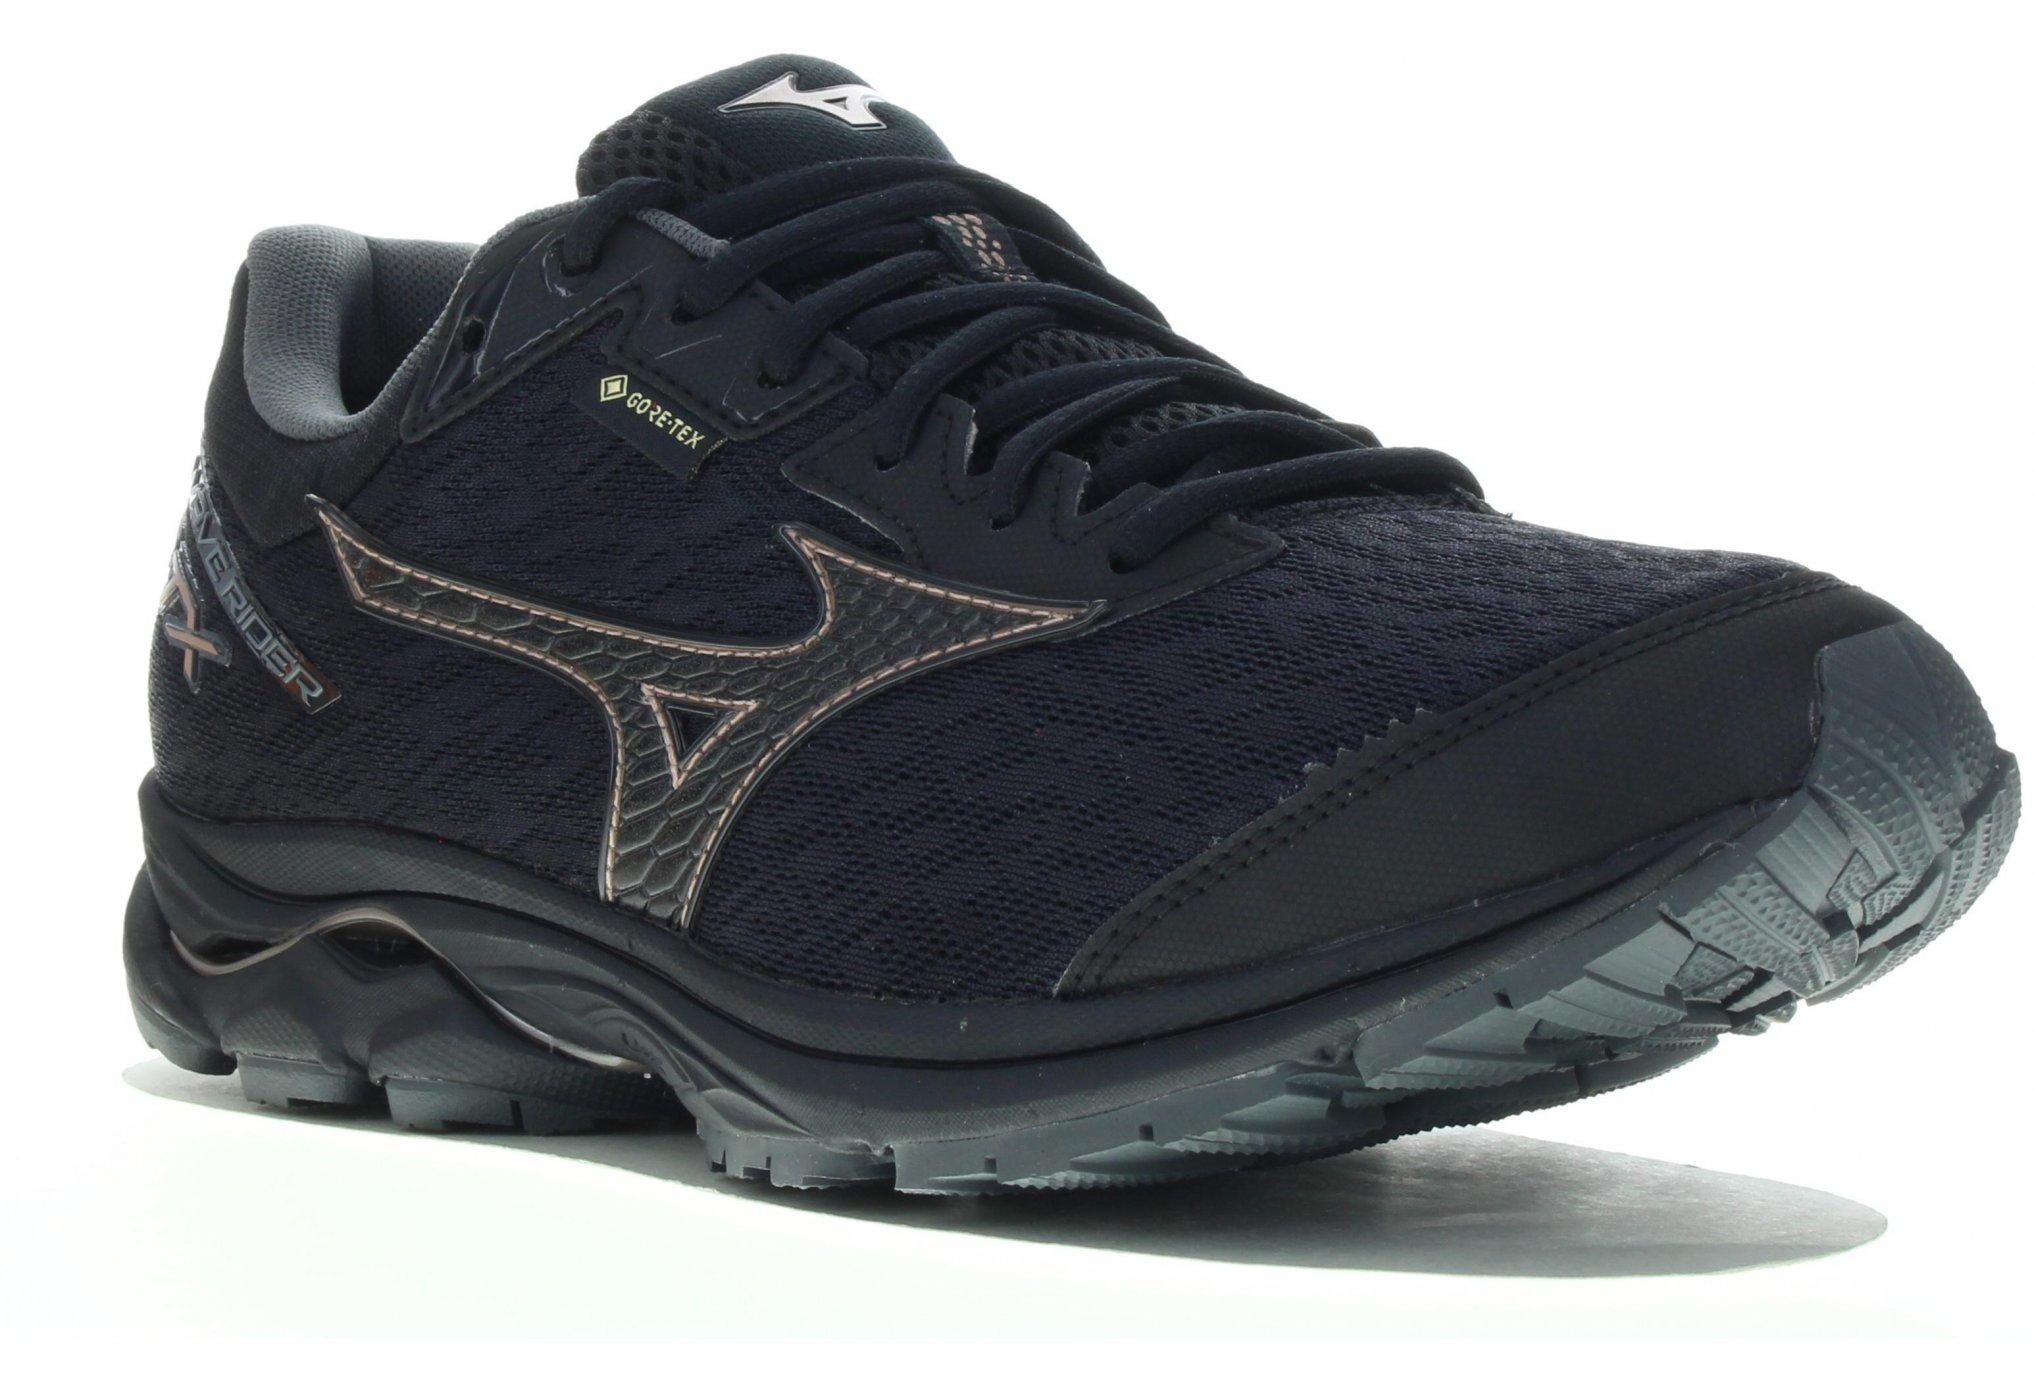 Mizuno Wave Rider 22 Gore-Tex Chaussures running femme